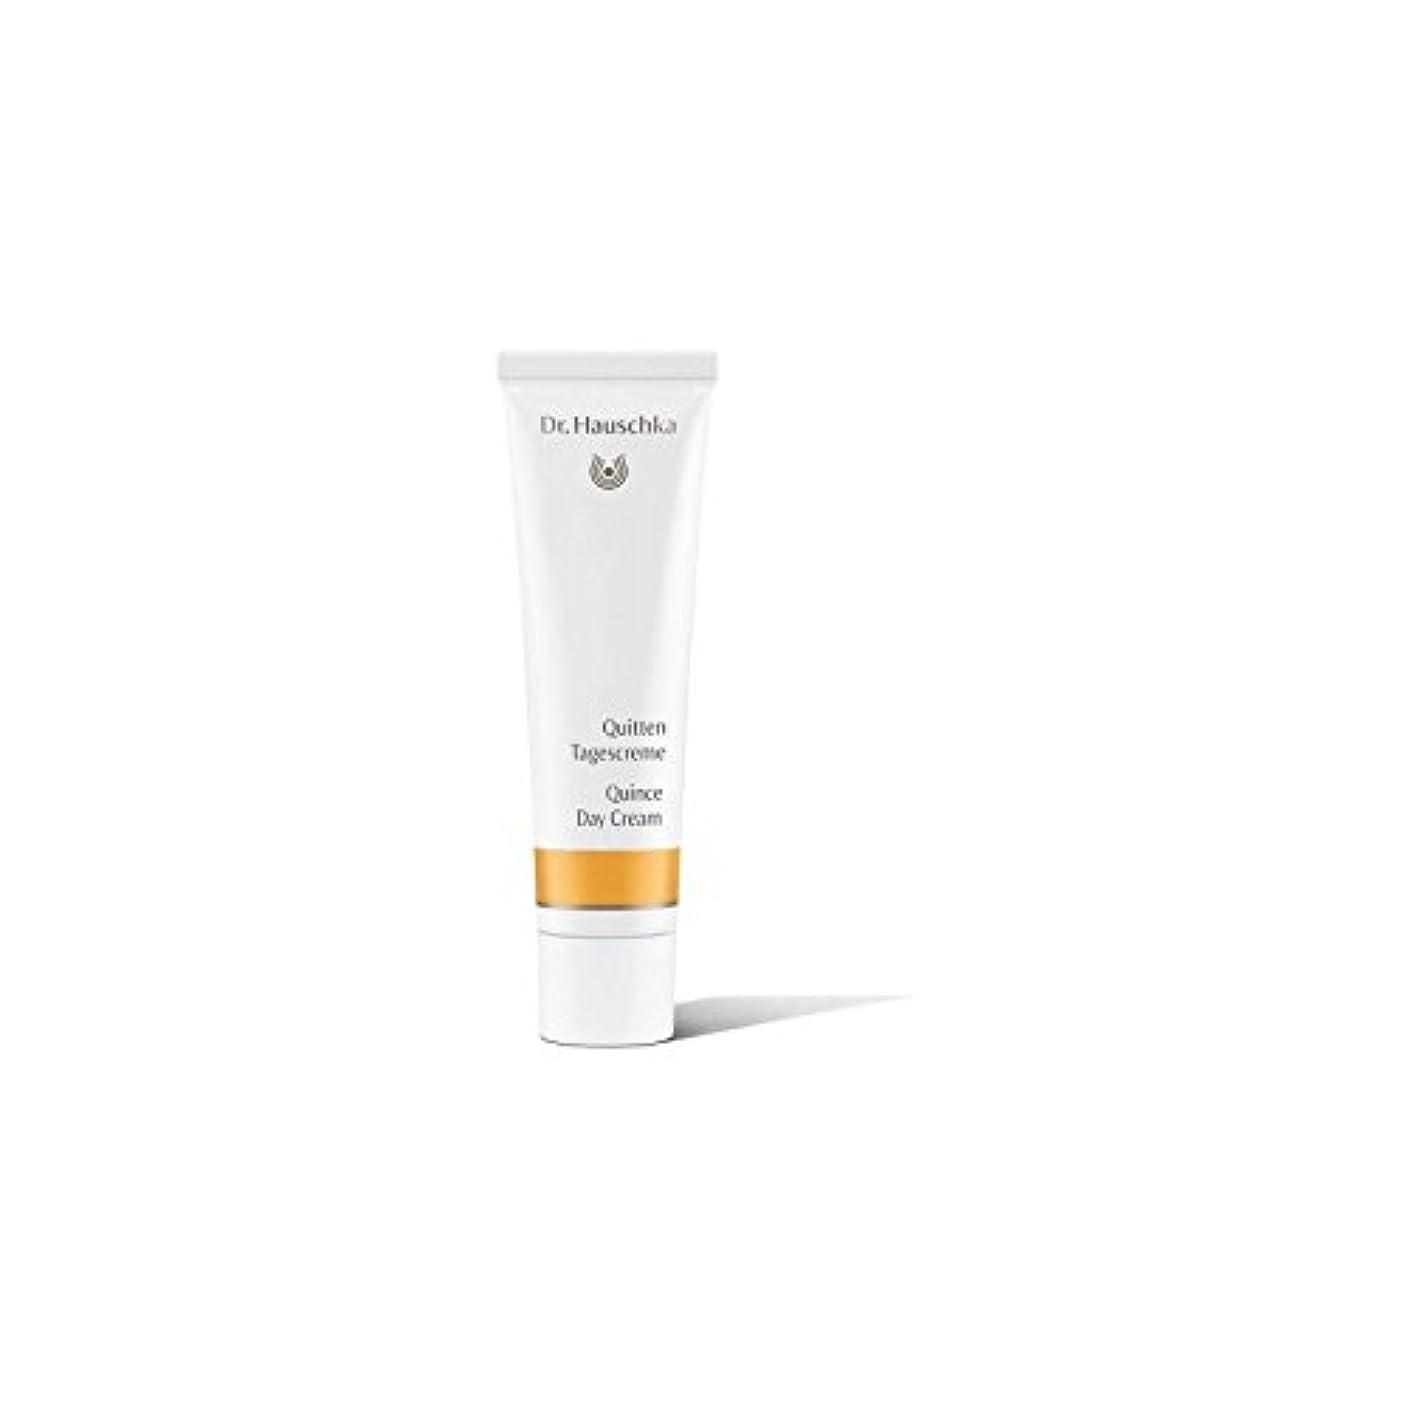 モック場所床ハウシュカクインスデイクリーム30 x2 - Dr. Hauschka Quince Day Cream 30ml (Pack of 2) [並行輸入品]